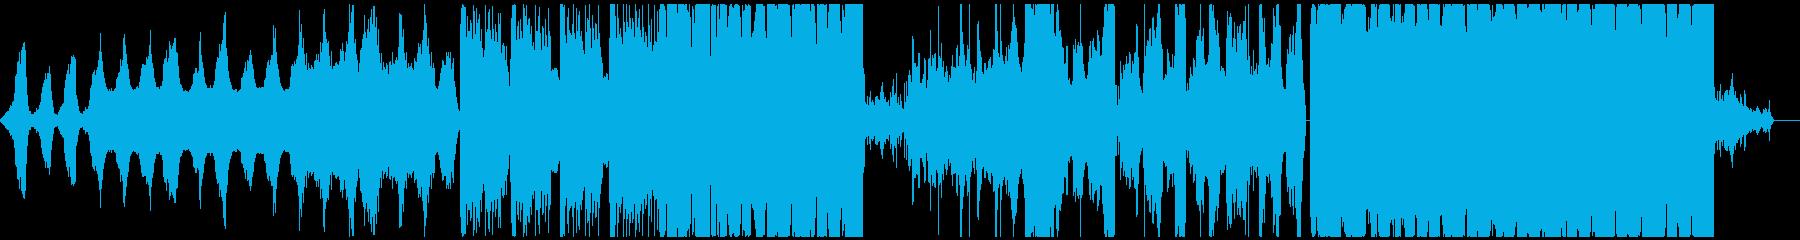 幻想的で不気味な機械音エレクトロニカの再生済みの波形